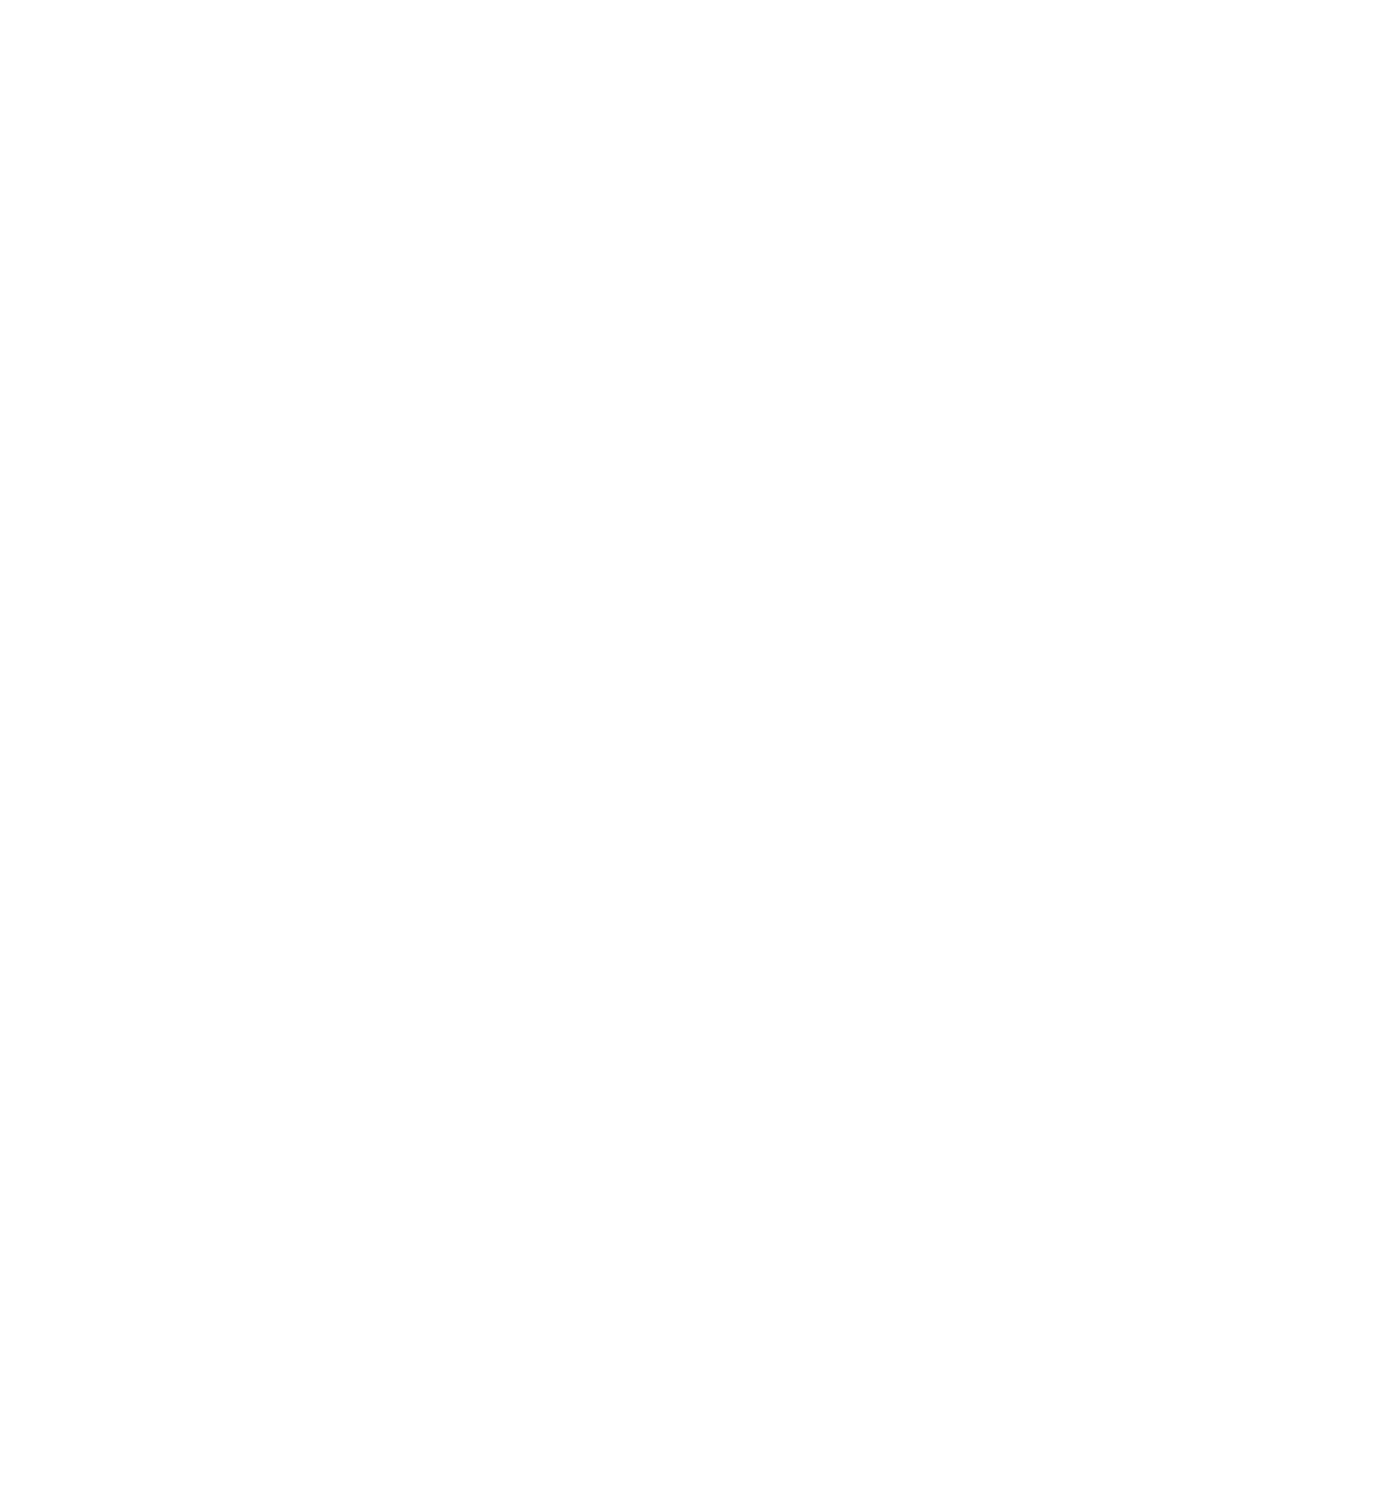 浪合オフィスフロアマップ